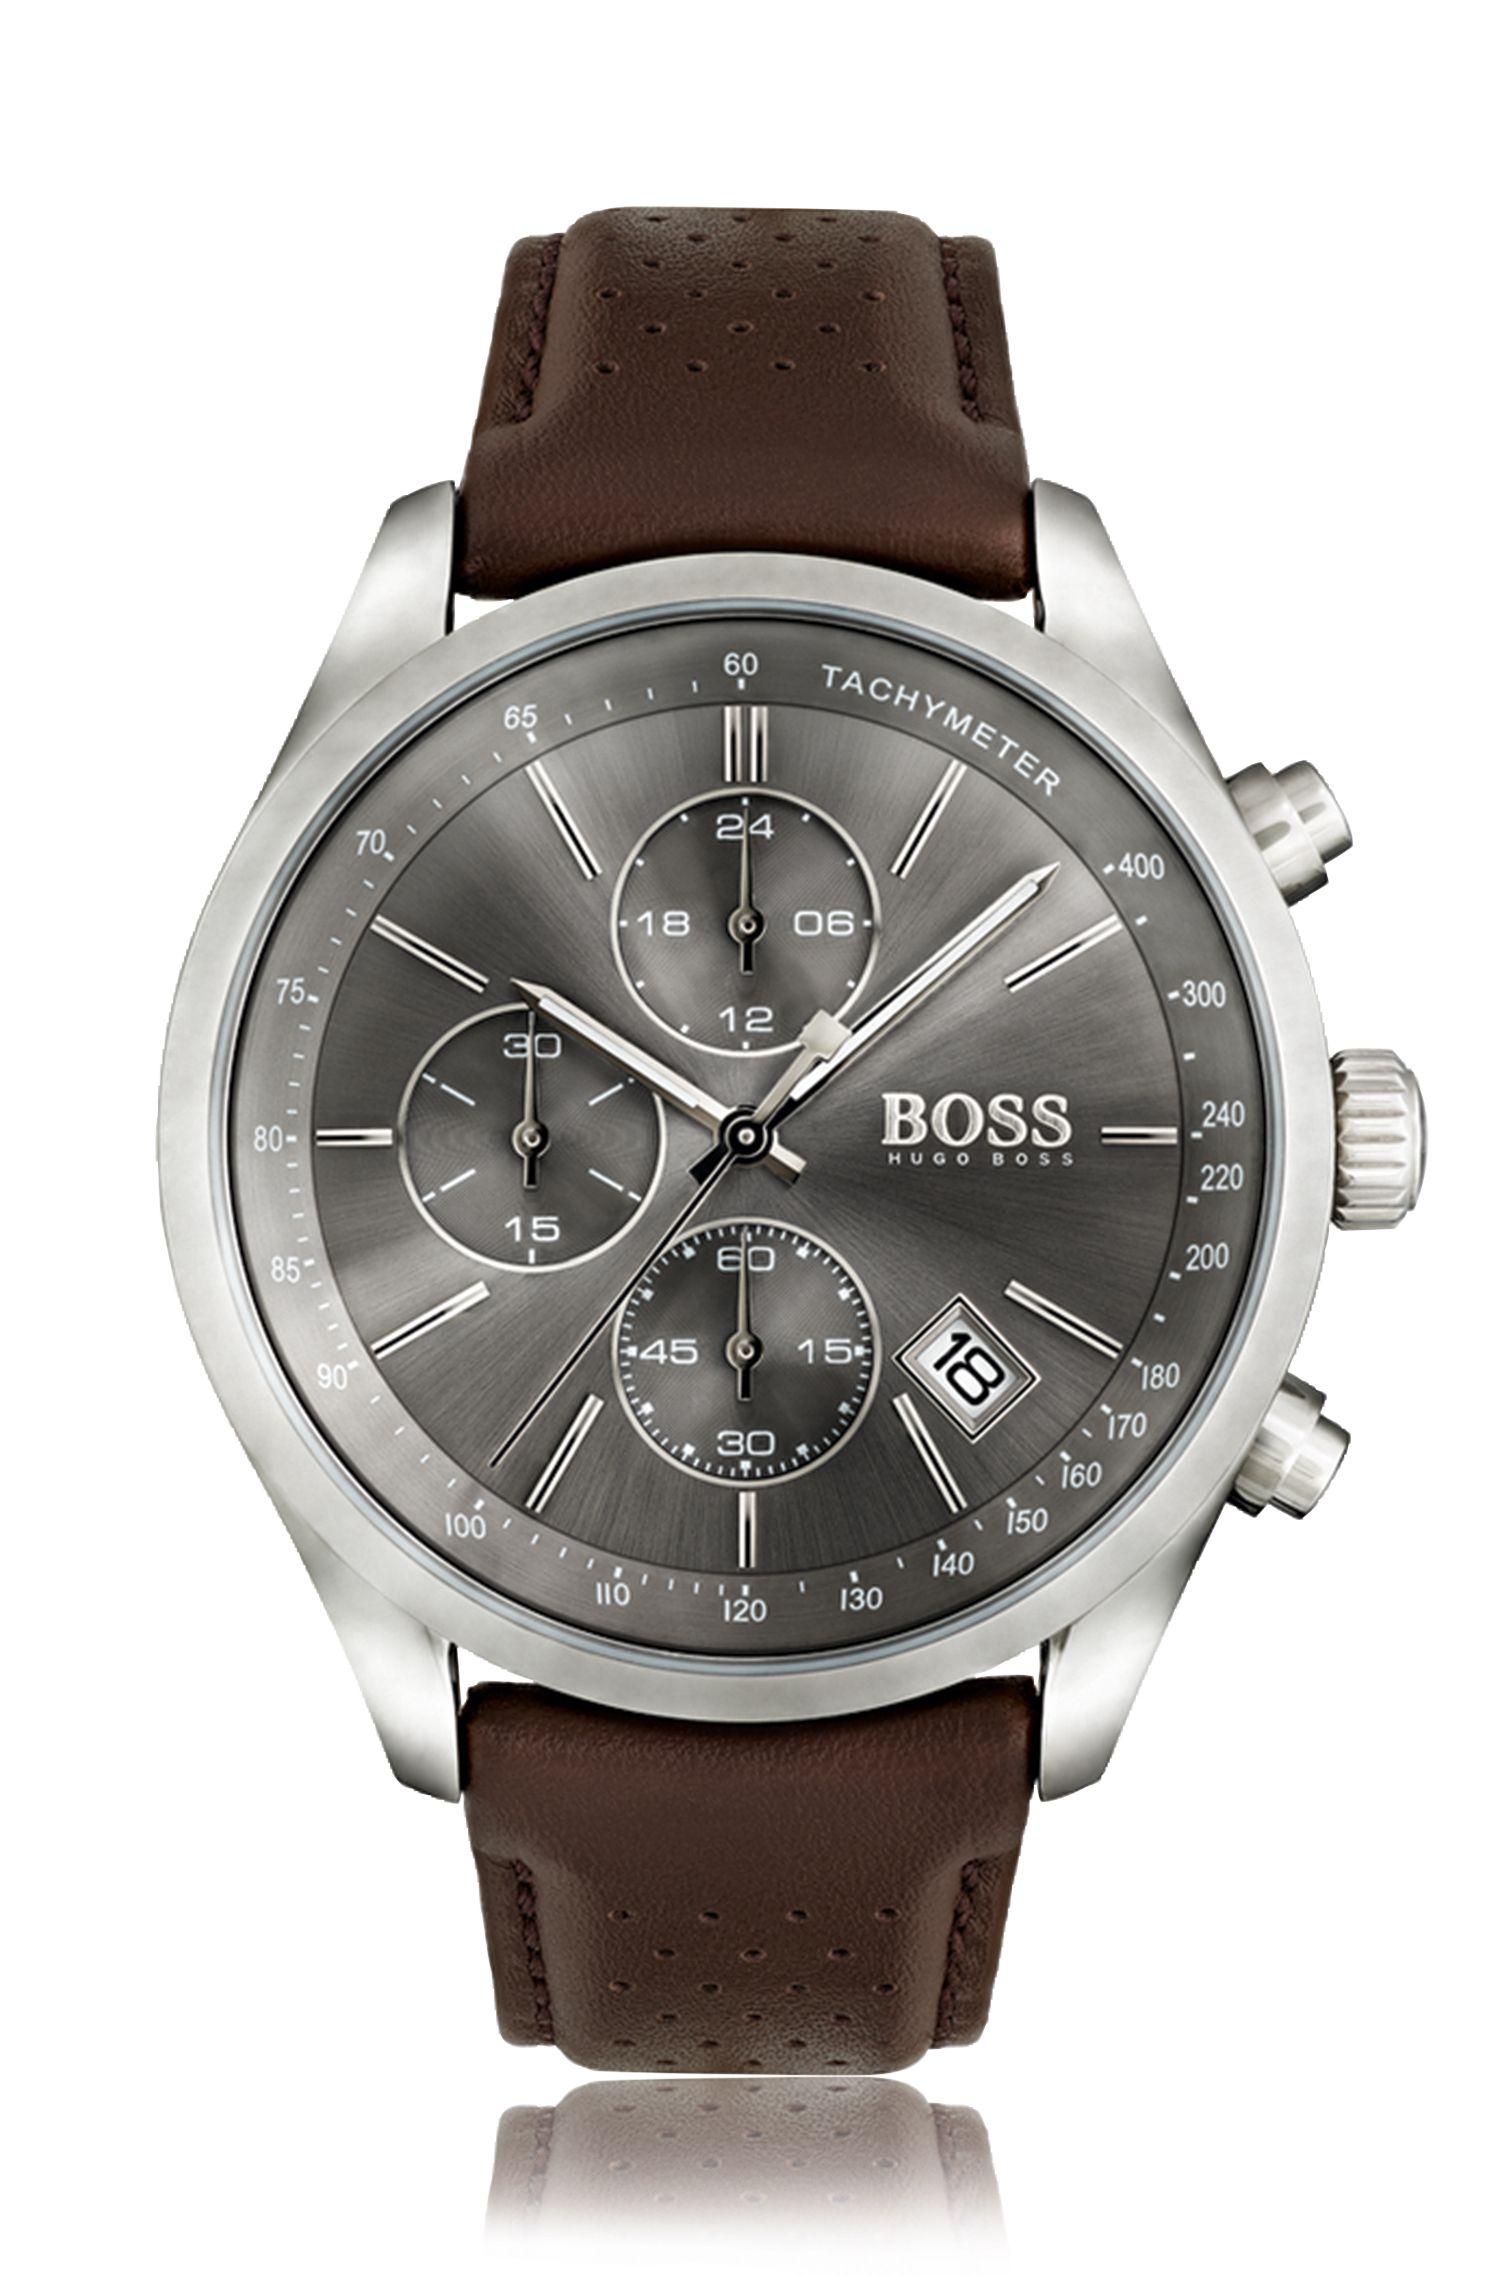 Cronografo in acciaio inox con quadrante grigio con finitura soleil e cinturino in pelle traforata